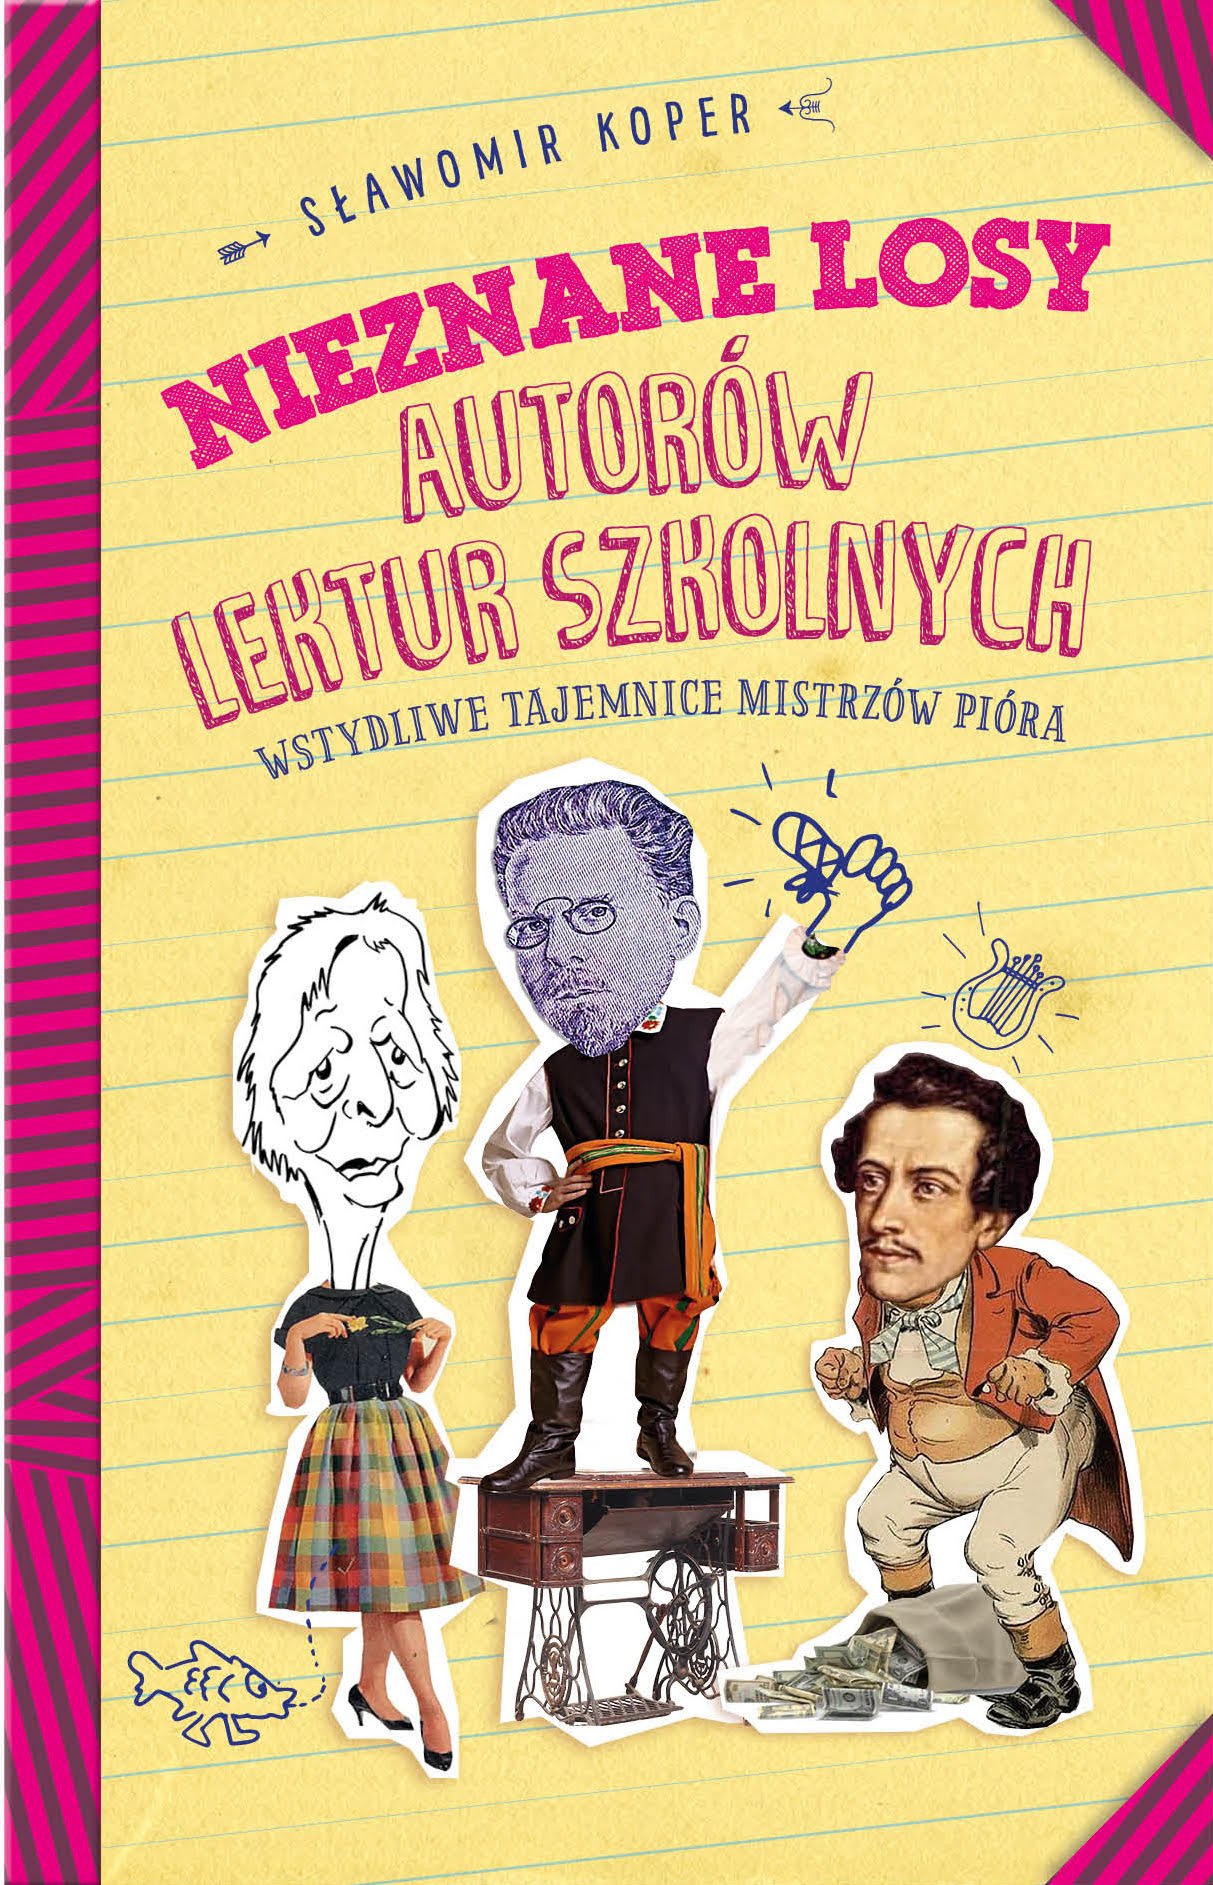 Nieznane losy autorów lektur szkolnych